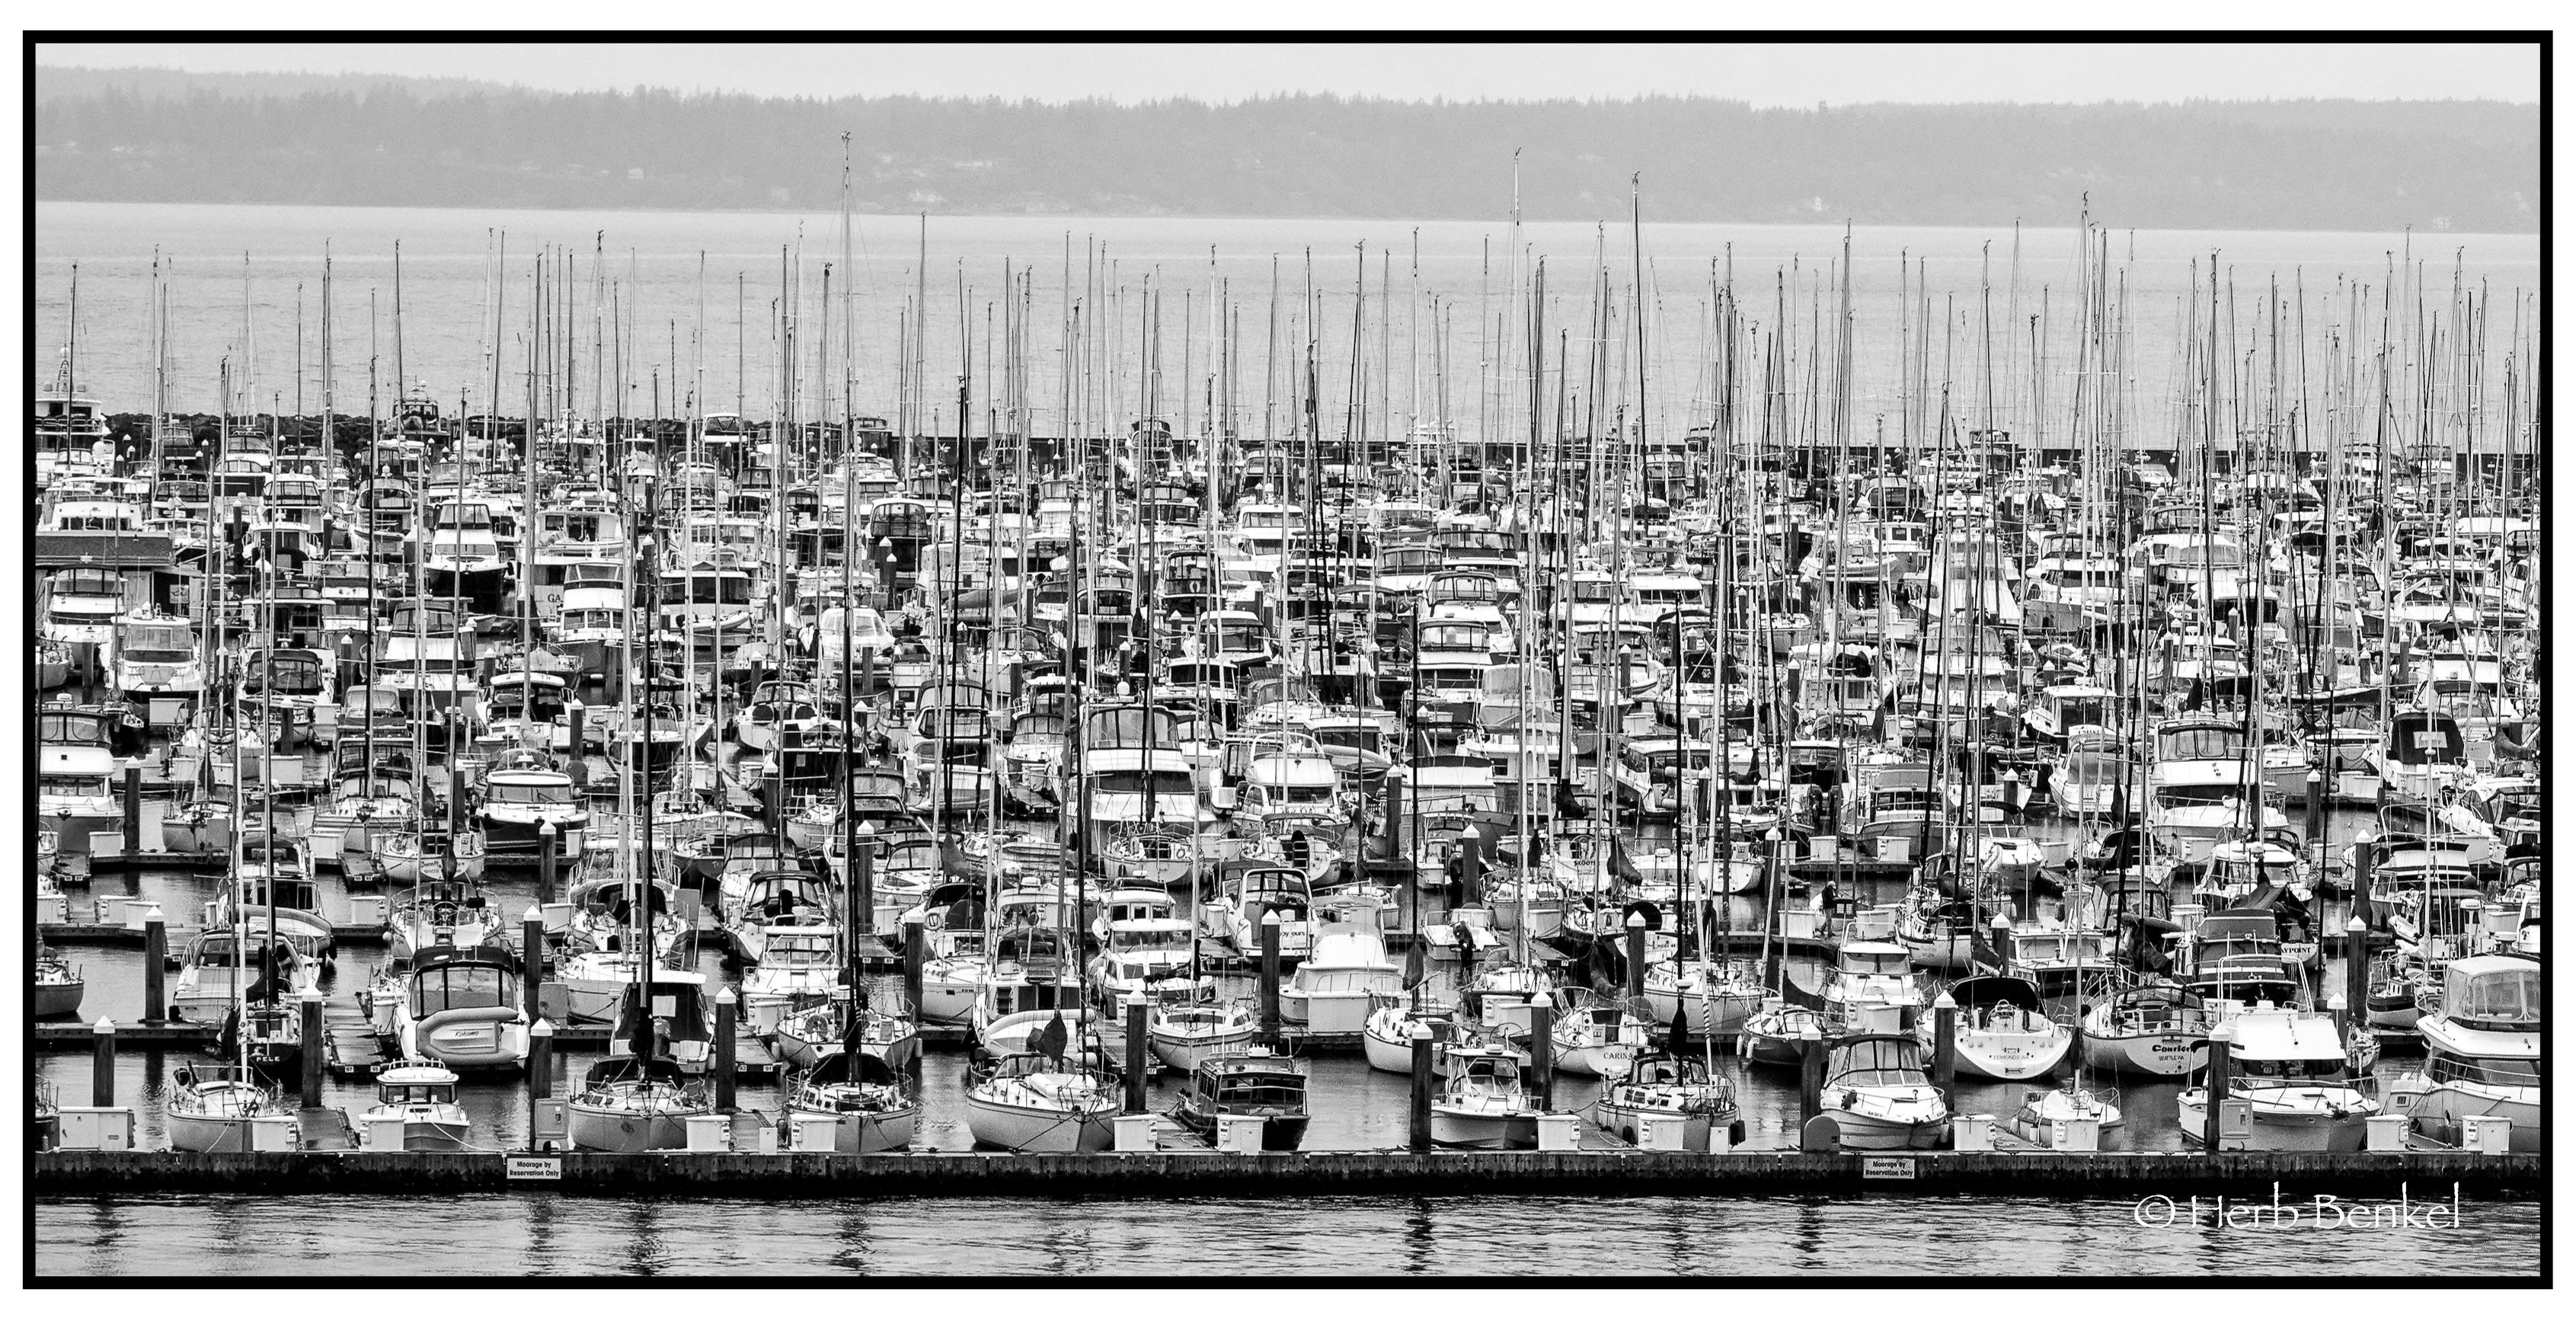 Marina, Seattle 2018 Watermarked